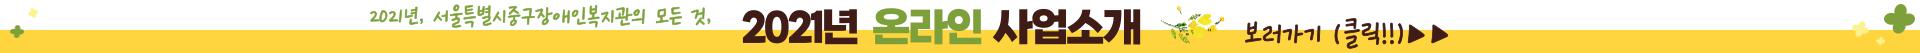 2021년 서울중구장애인복지관의 모든 것, 2021년도 온라인 사업설명회 보러가기 (클릭!)